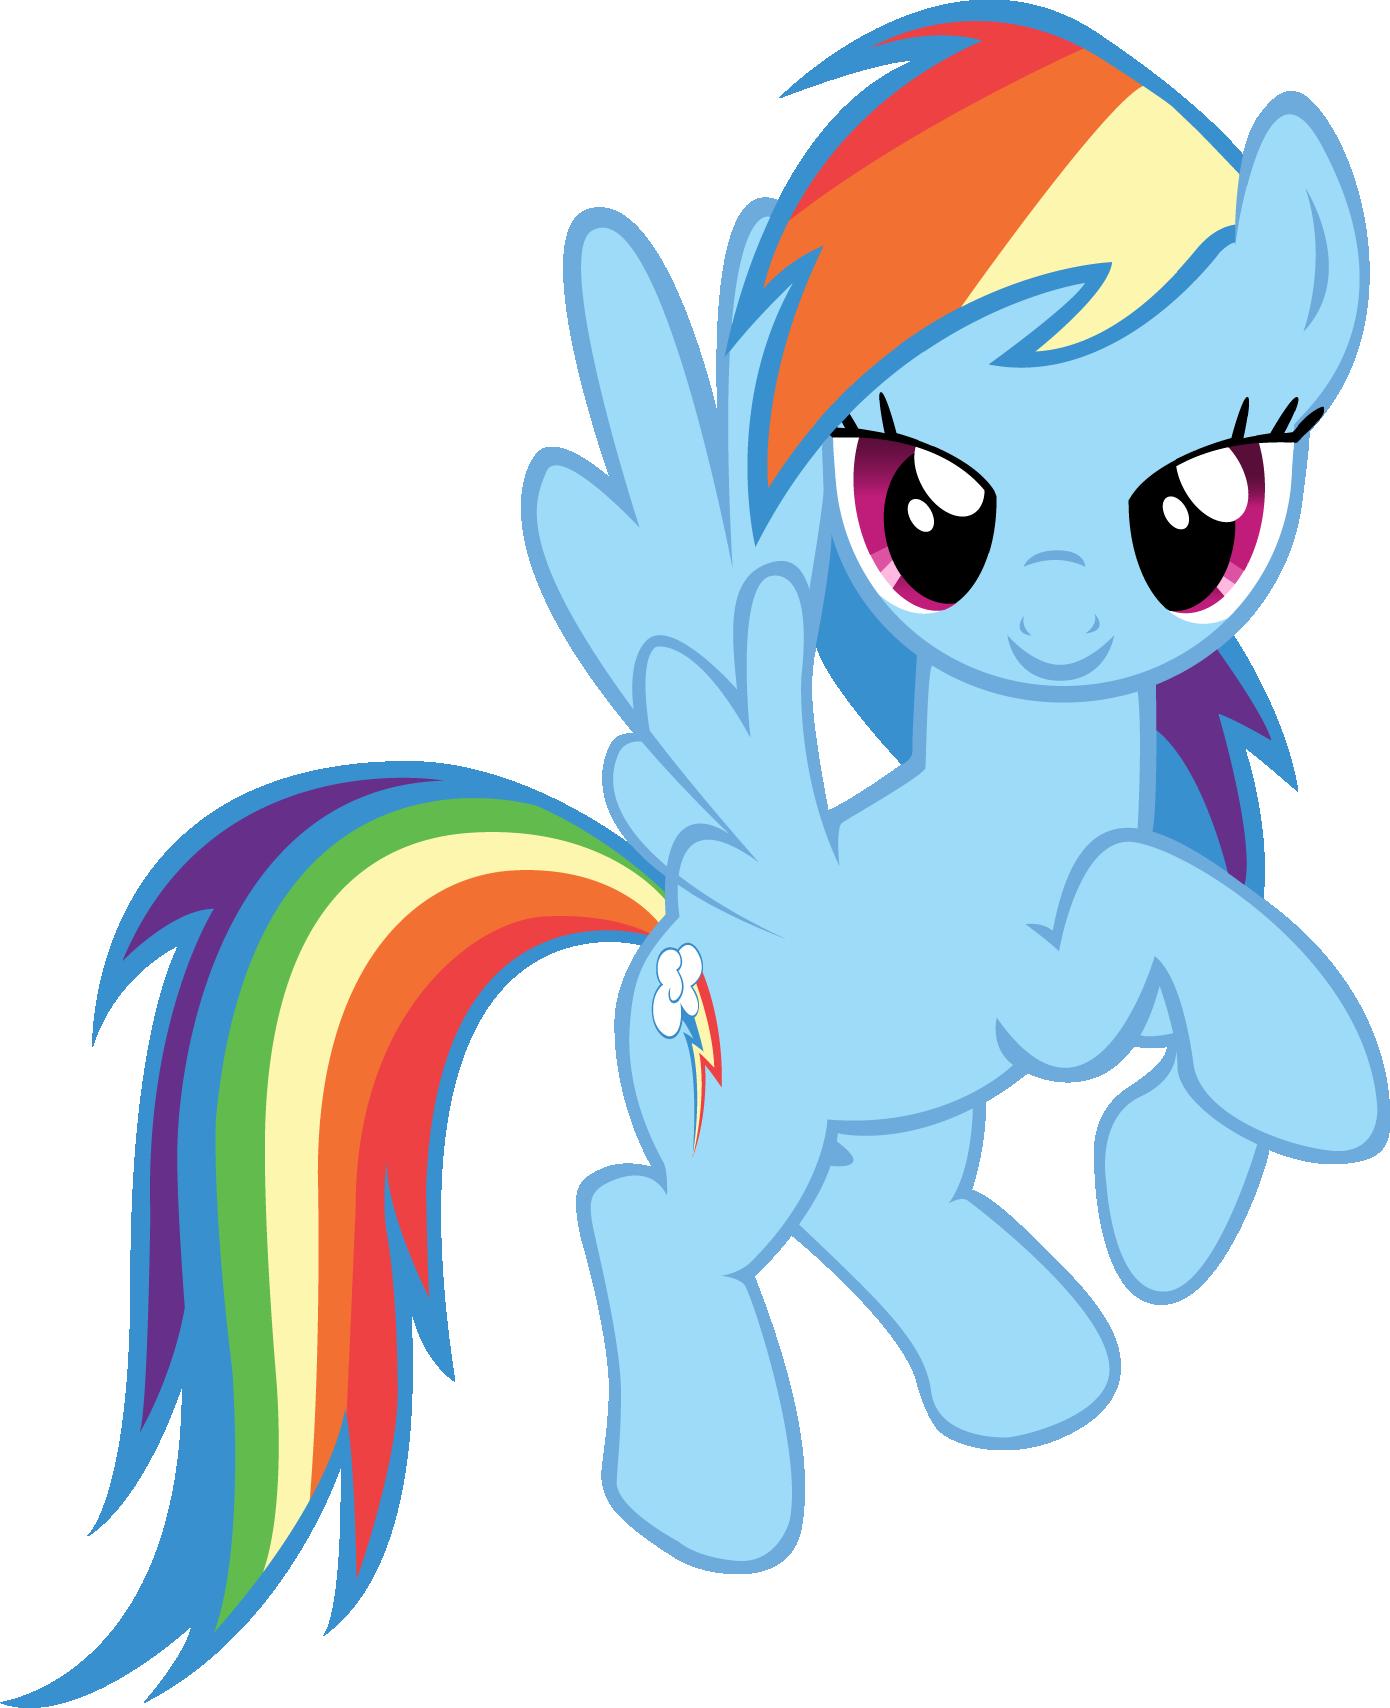 Image my little pony rainbow dash desktop 1390x1708 - My little pony wikia ...